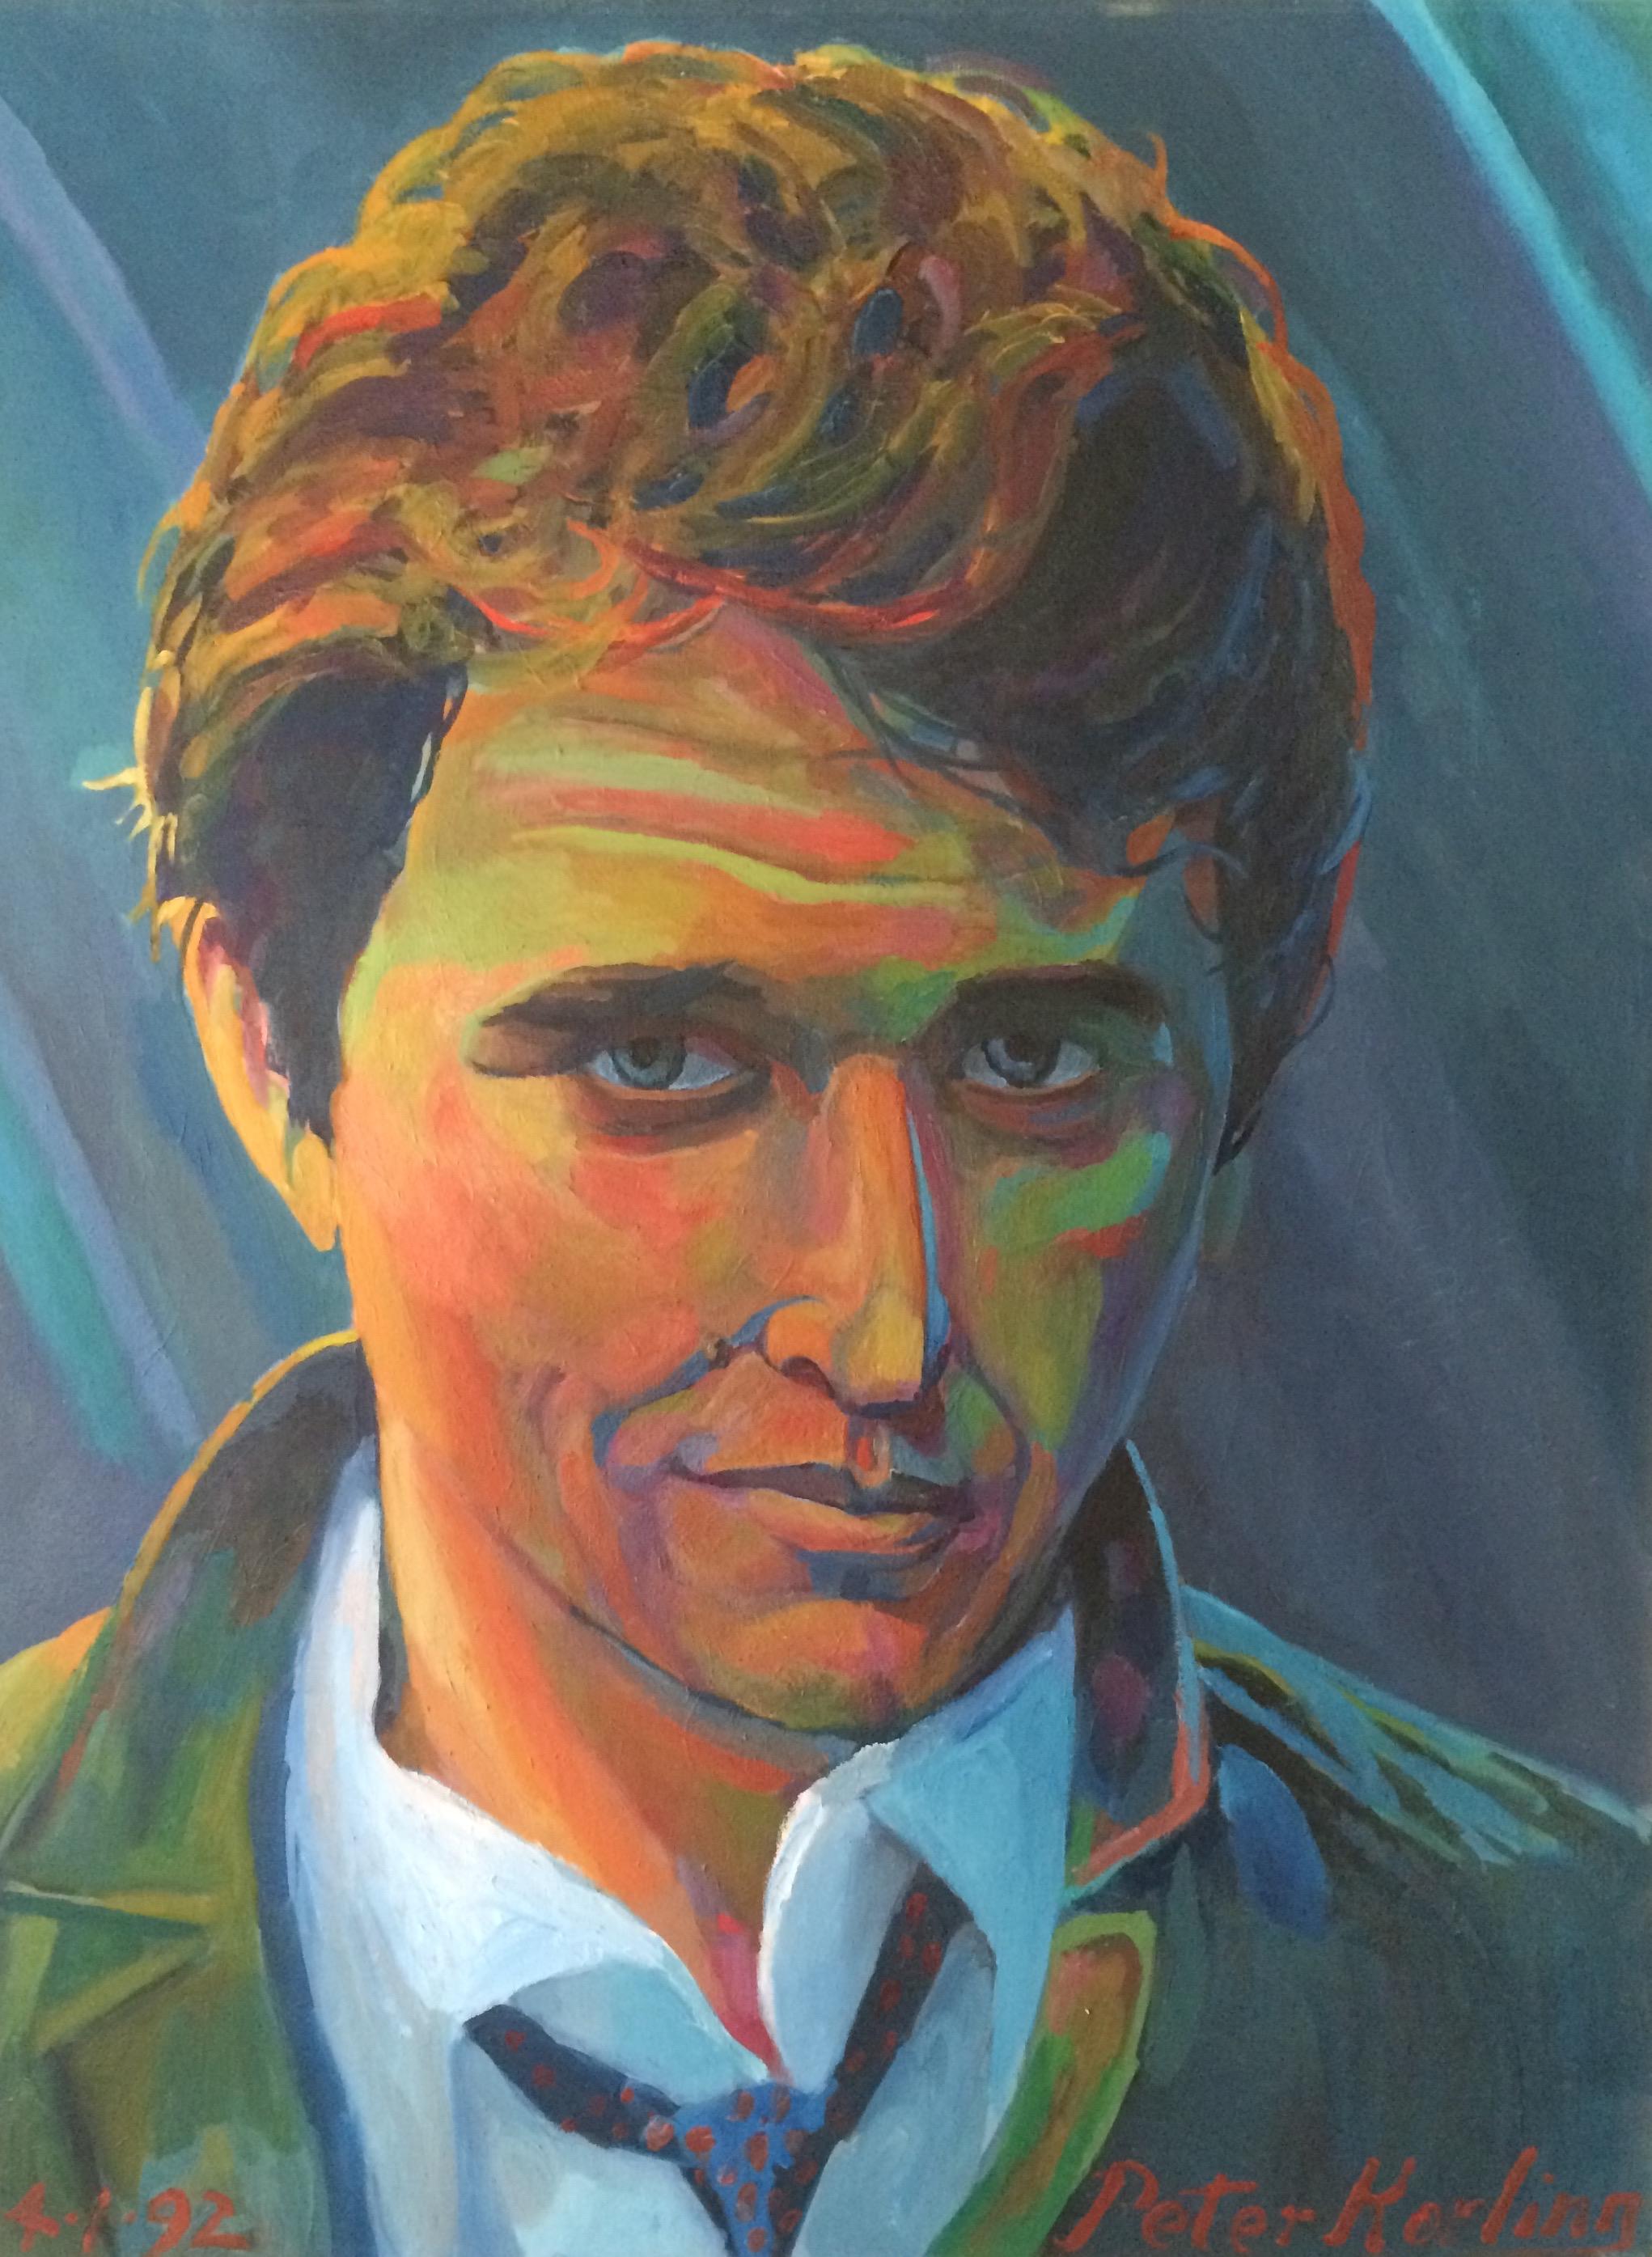 Tom Berenger  30x40 oil on canvas